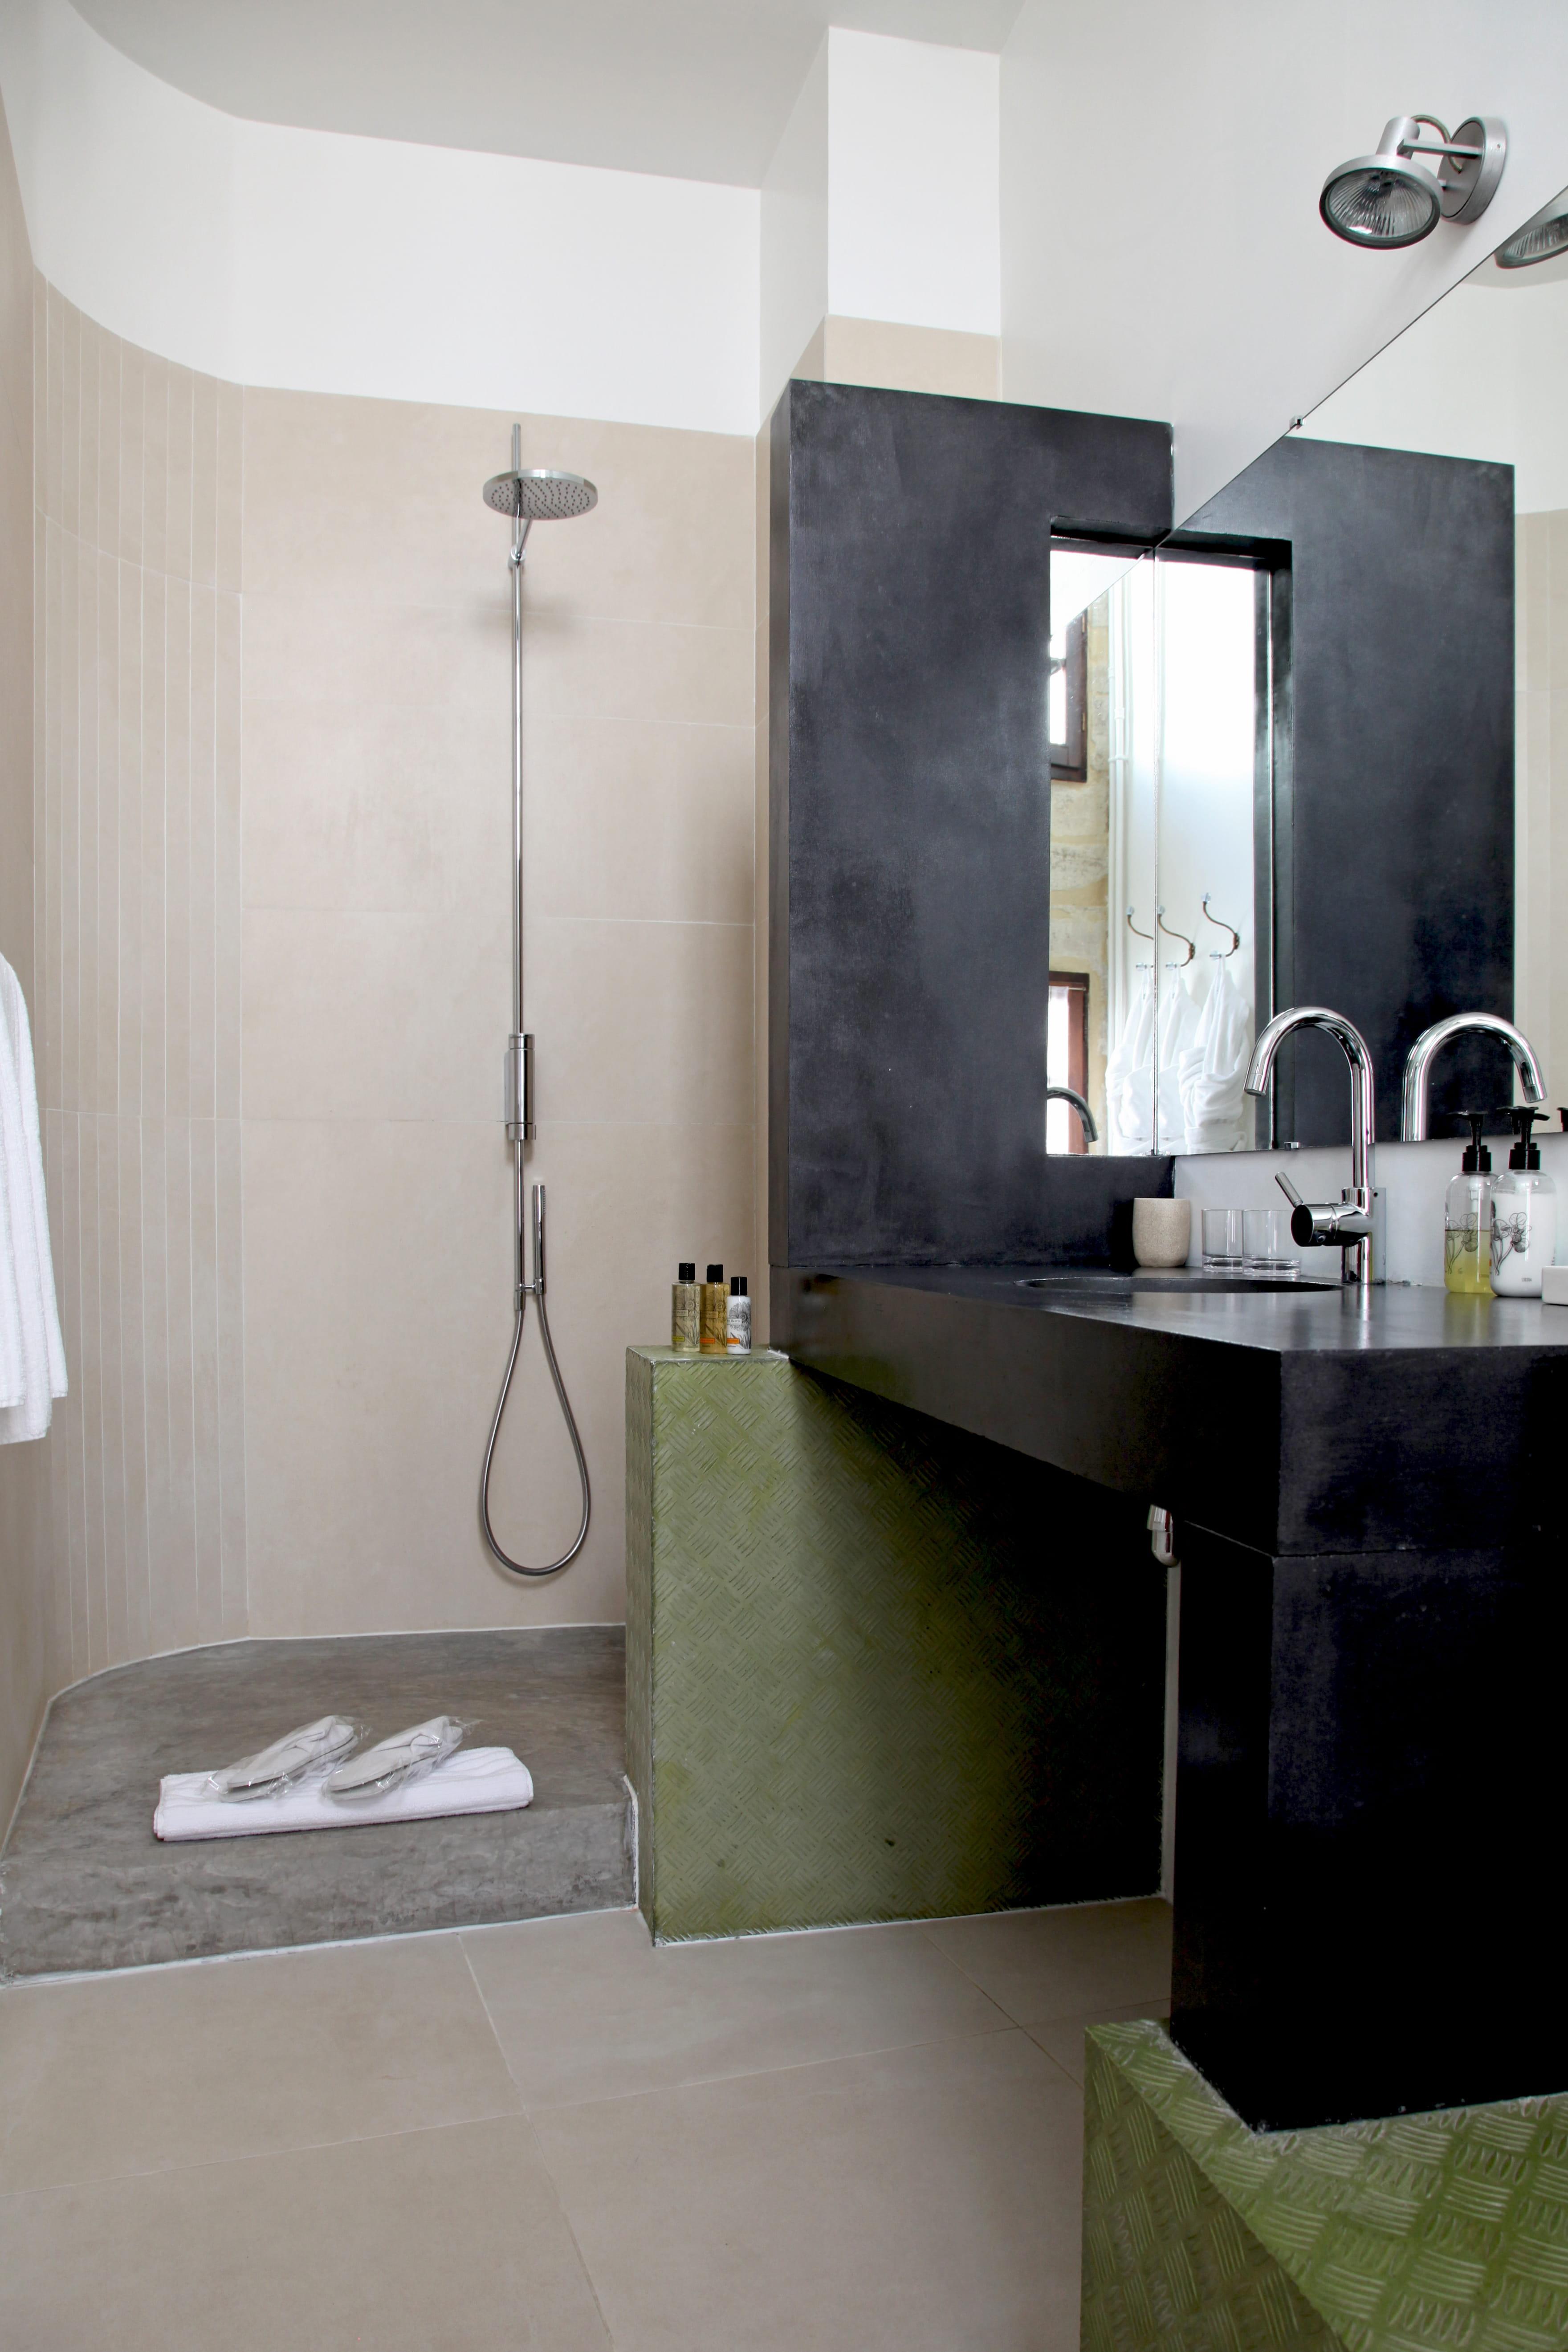 Le b ton dans la salle de bains - Modele salle de bain douche italienne ...